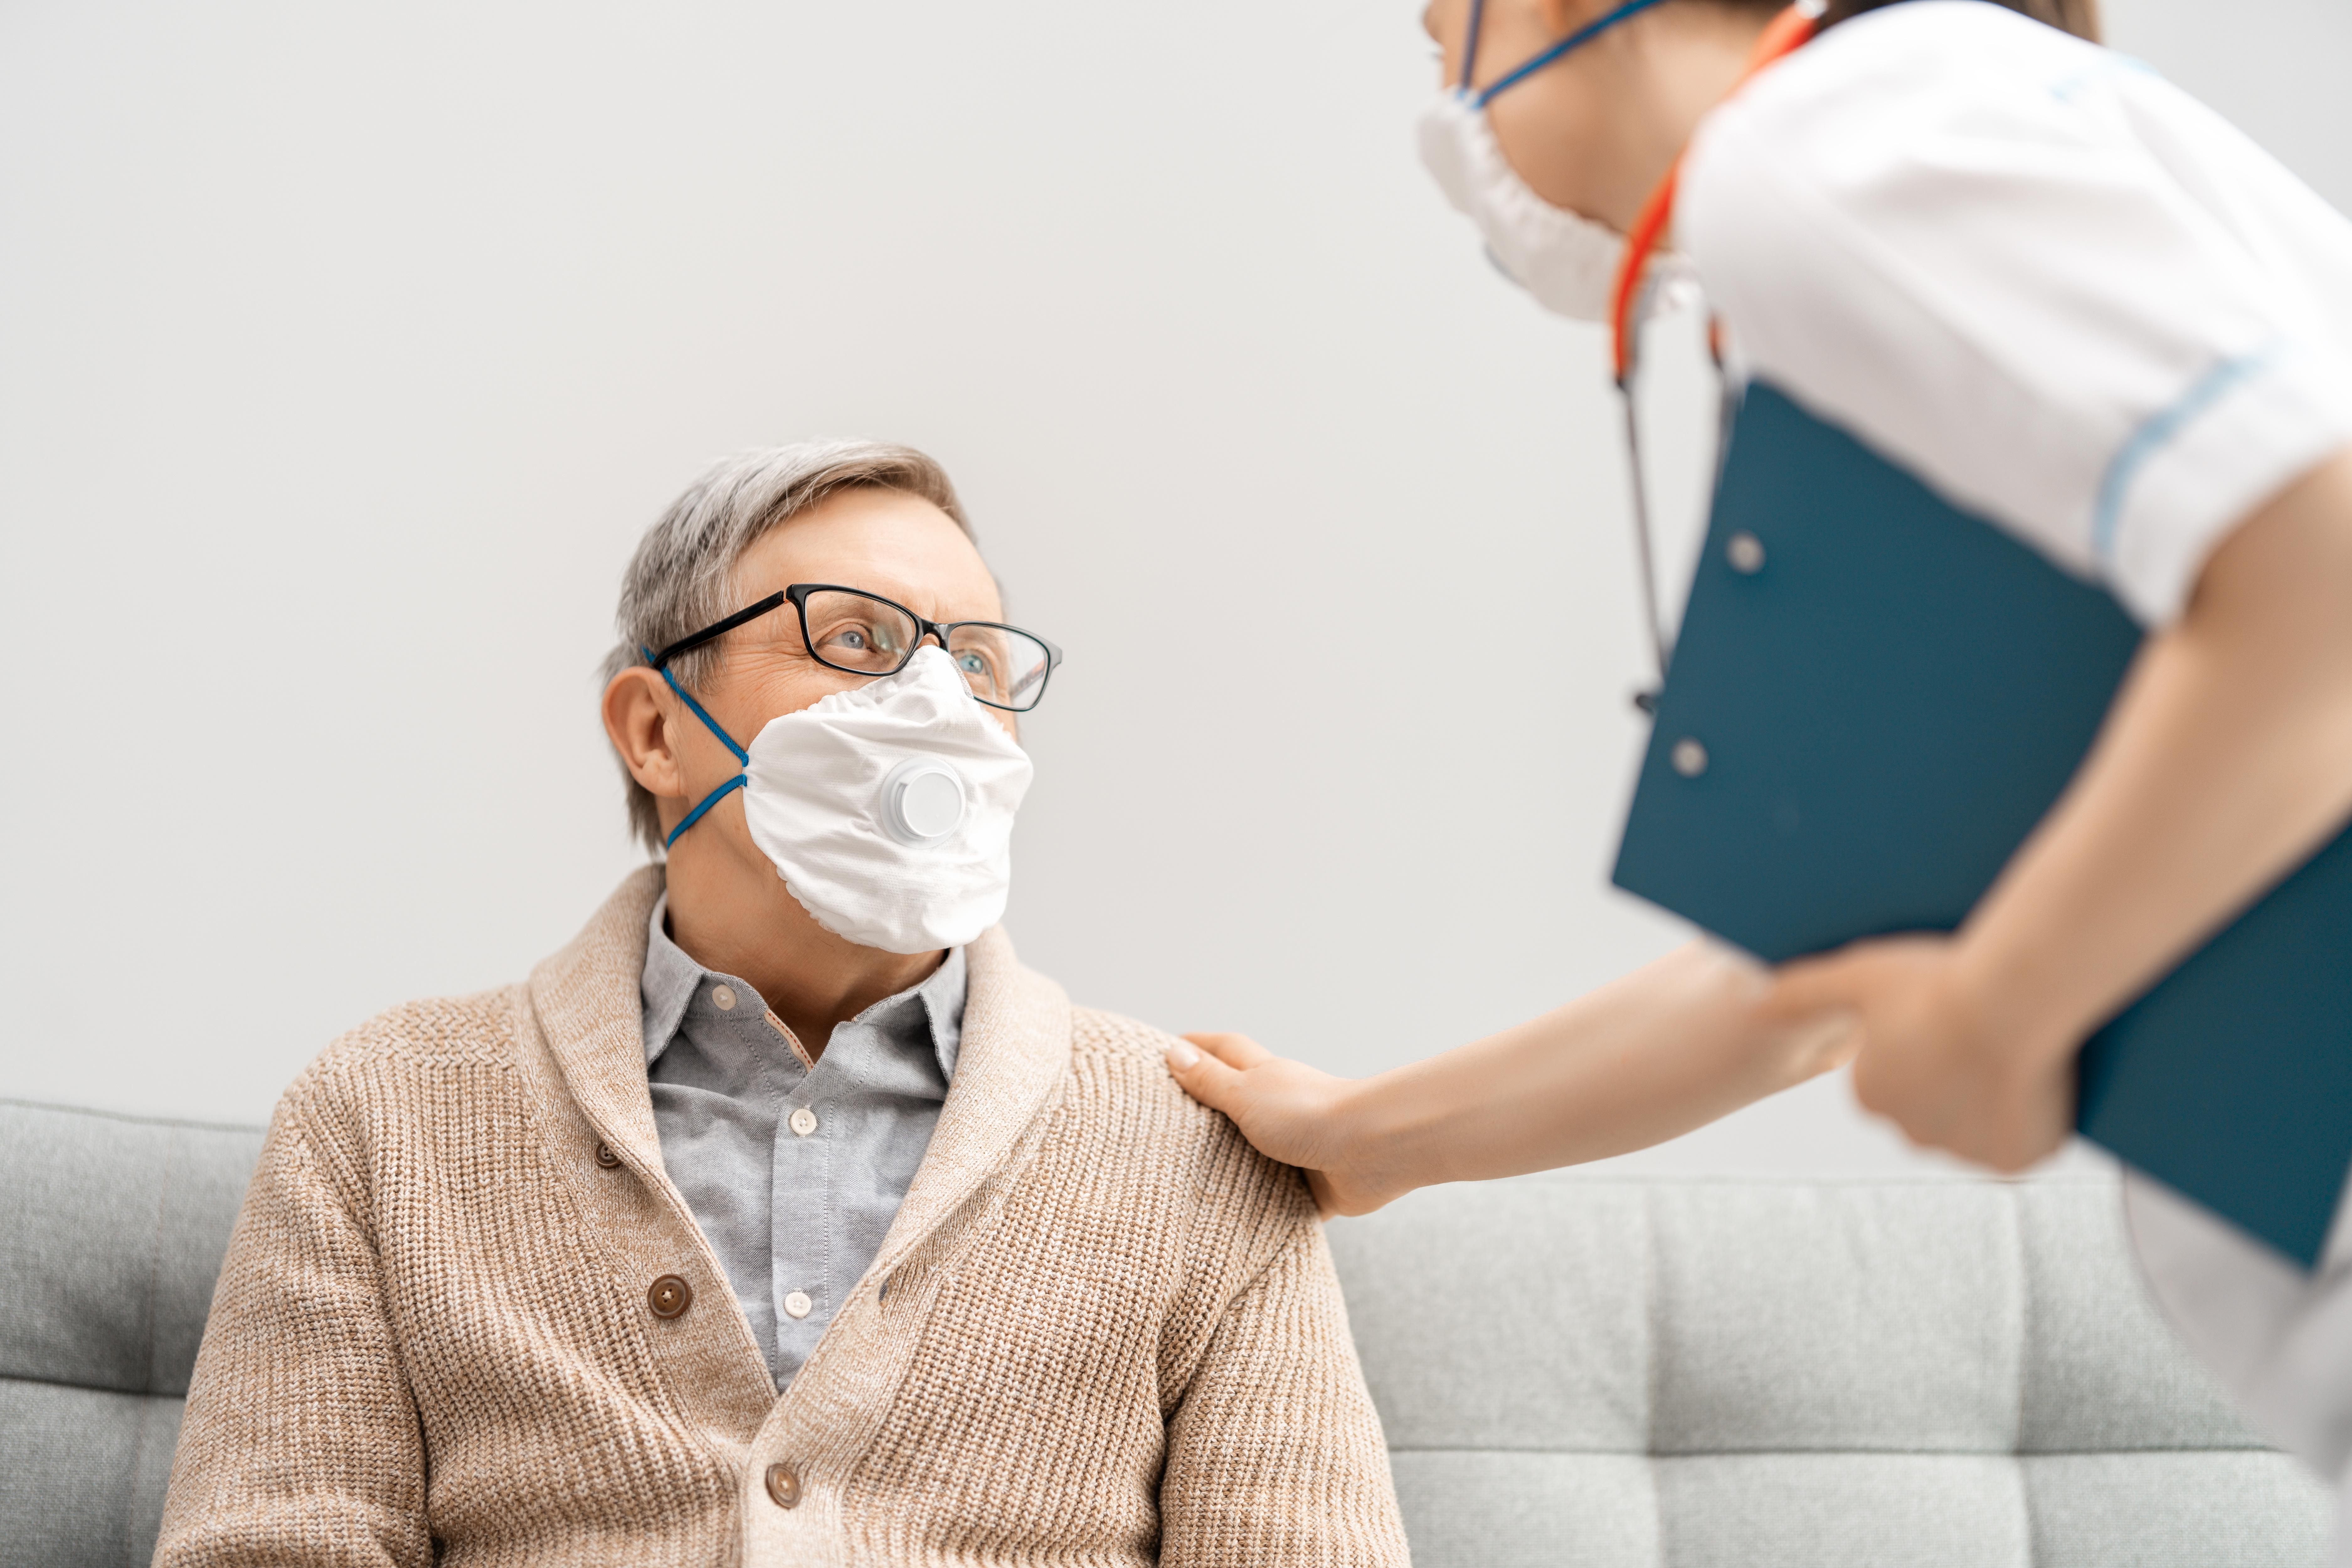 Le sang des hommes contient des concentrations plus élevées d'une enzyme, ACE2, qui aide le coronavirus SARS-CoV-2 à infecter les cellules.